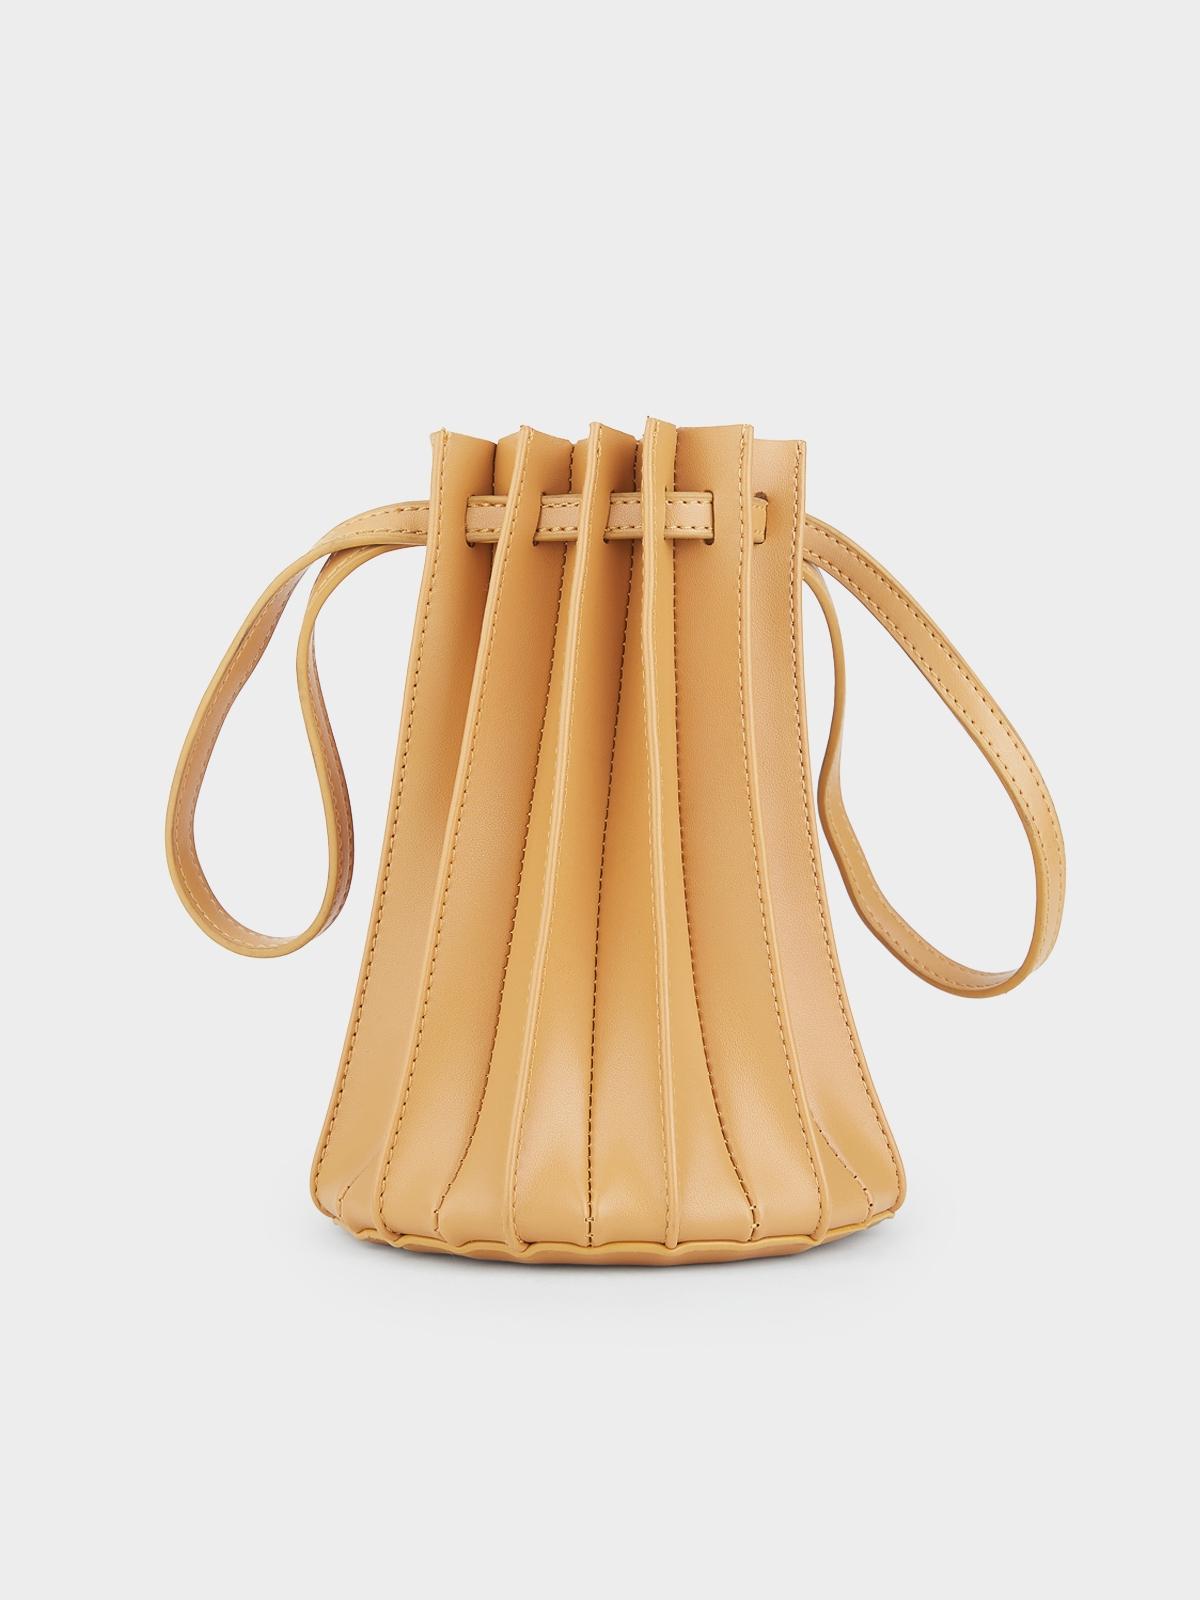 Pleated Leather Handbag Orange